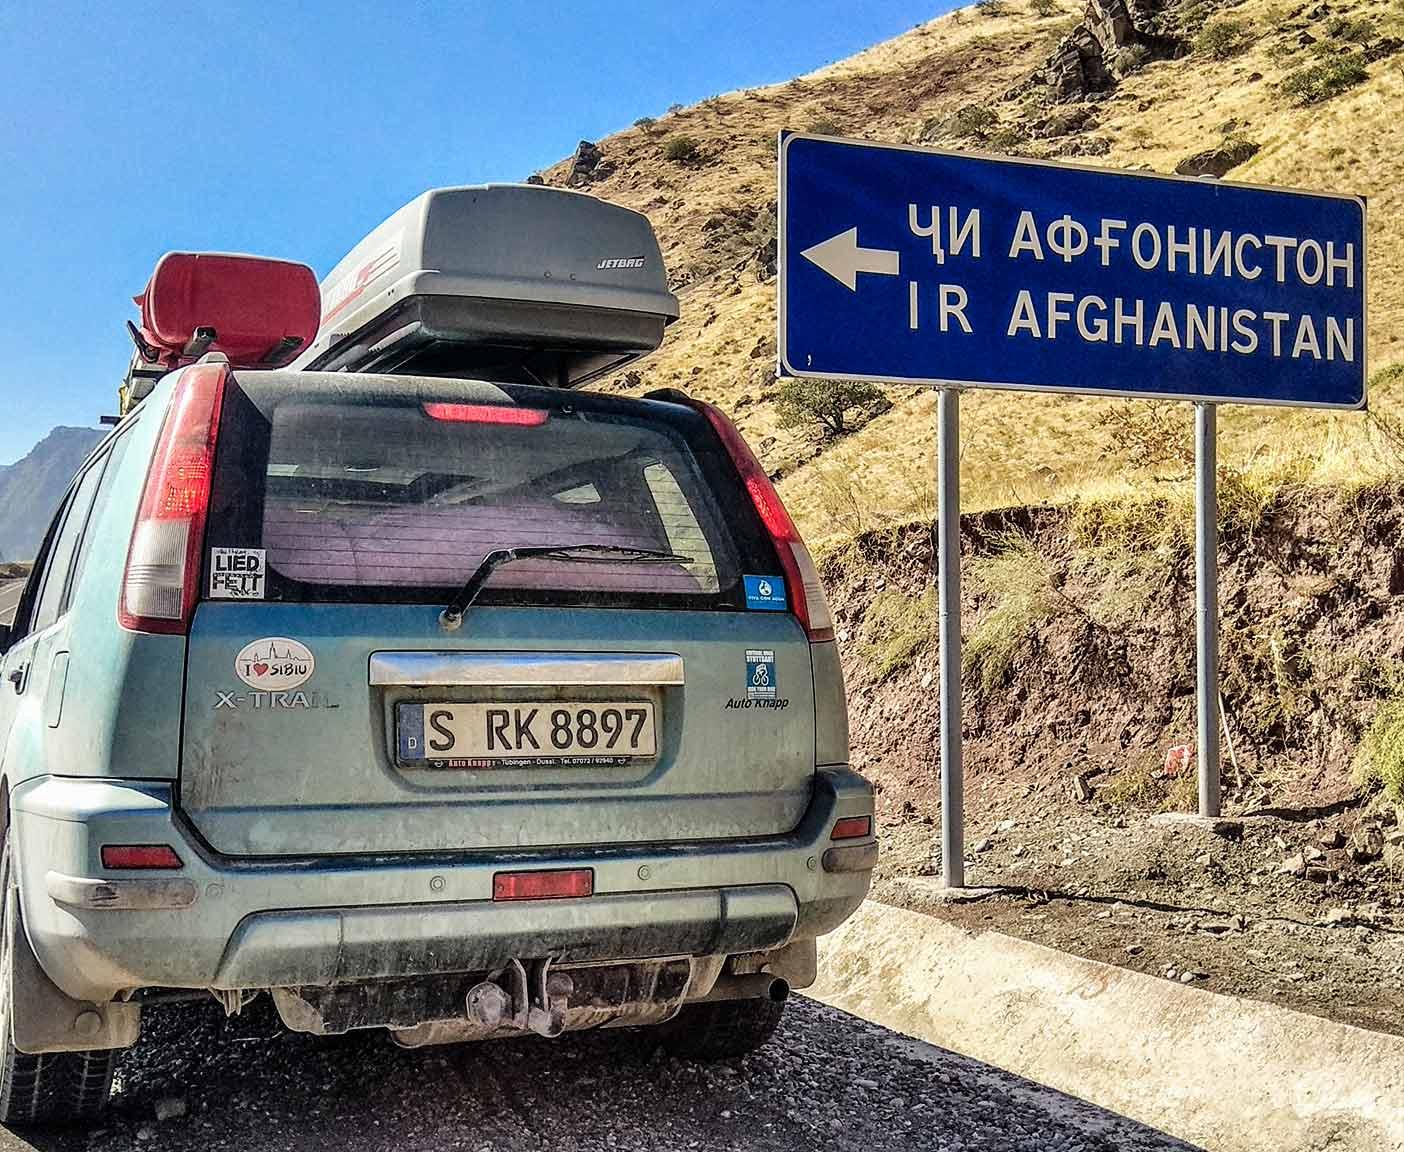 guenstige-expeditionsfahrzeuge-mobilw-offroad-gelaendegaenig-wohnmobil-nissan-xtrail-4x4-allrad-gebraucht-15